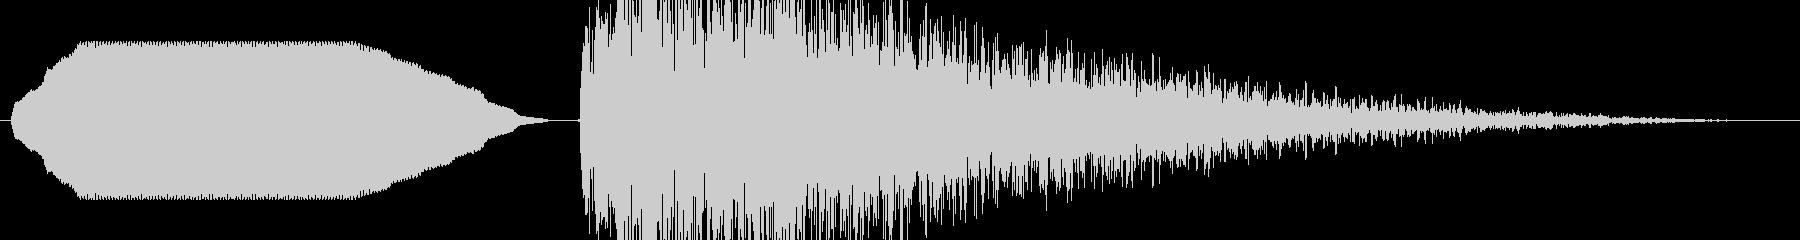 ヒューン……ドカーン!【バズーカ砲1】の未再生の波形